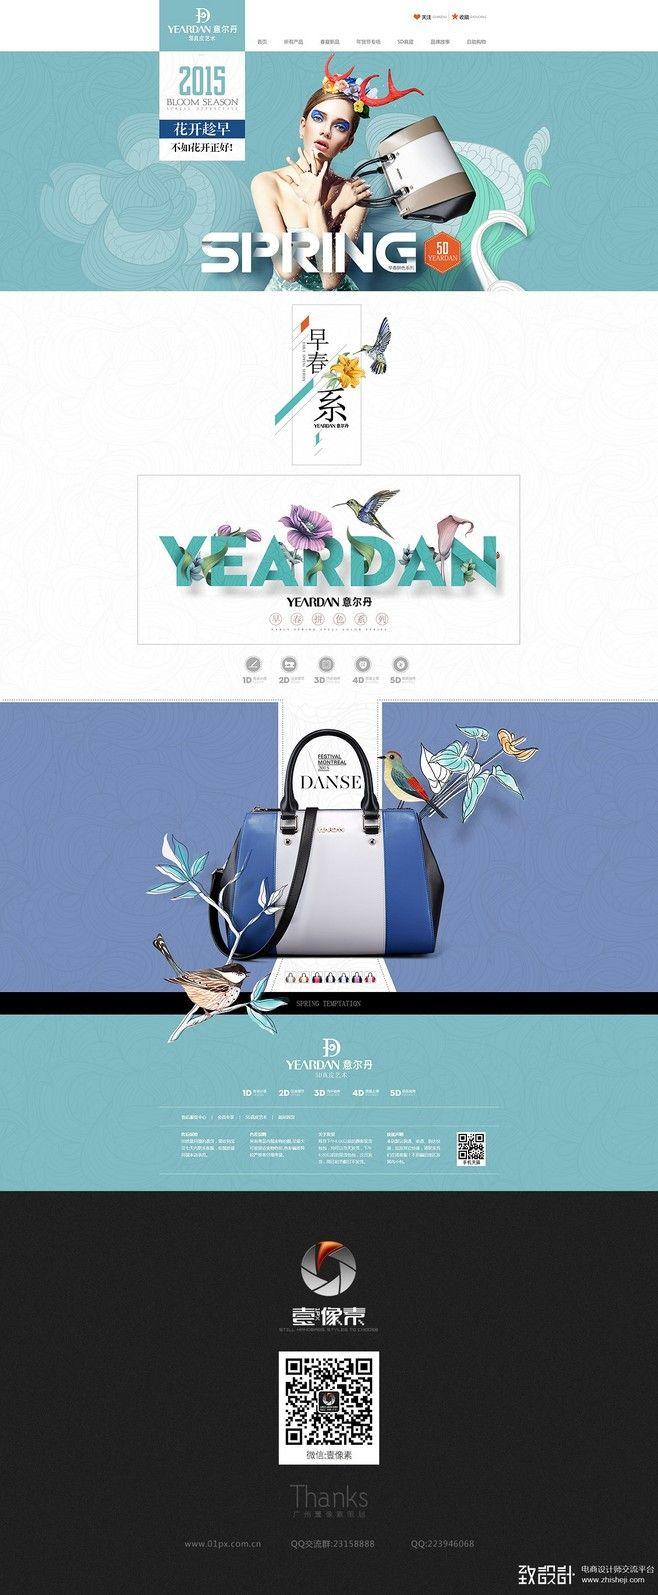 2015-3-30意尔丹专题页面【壹像素...